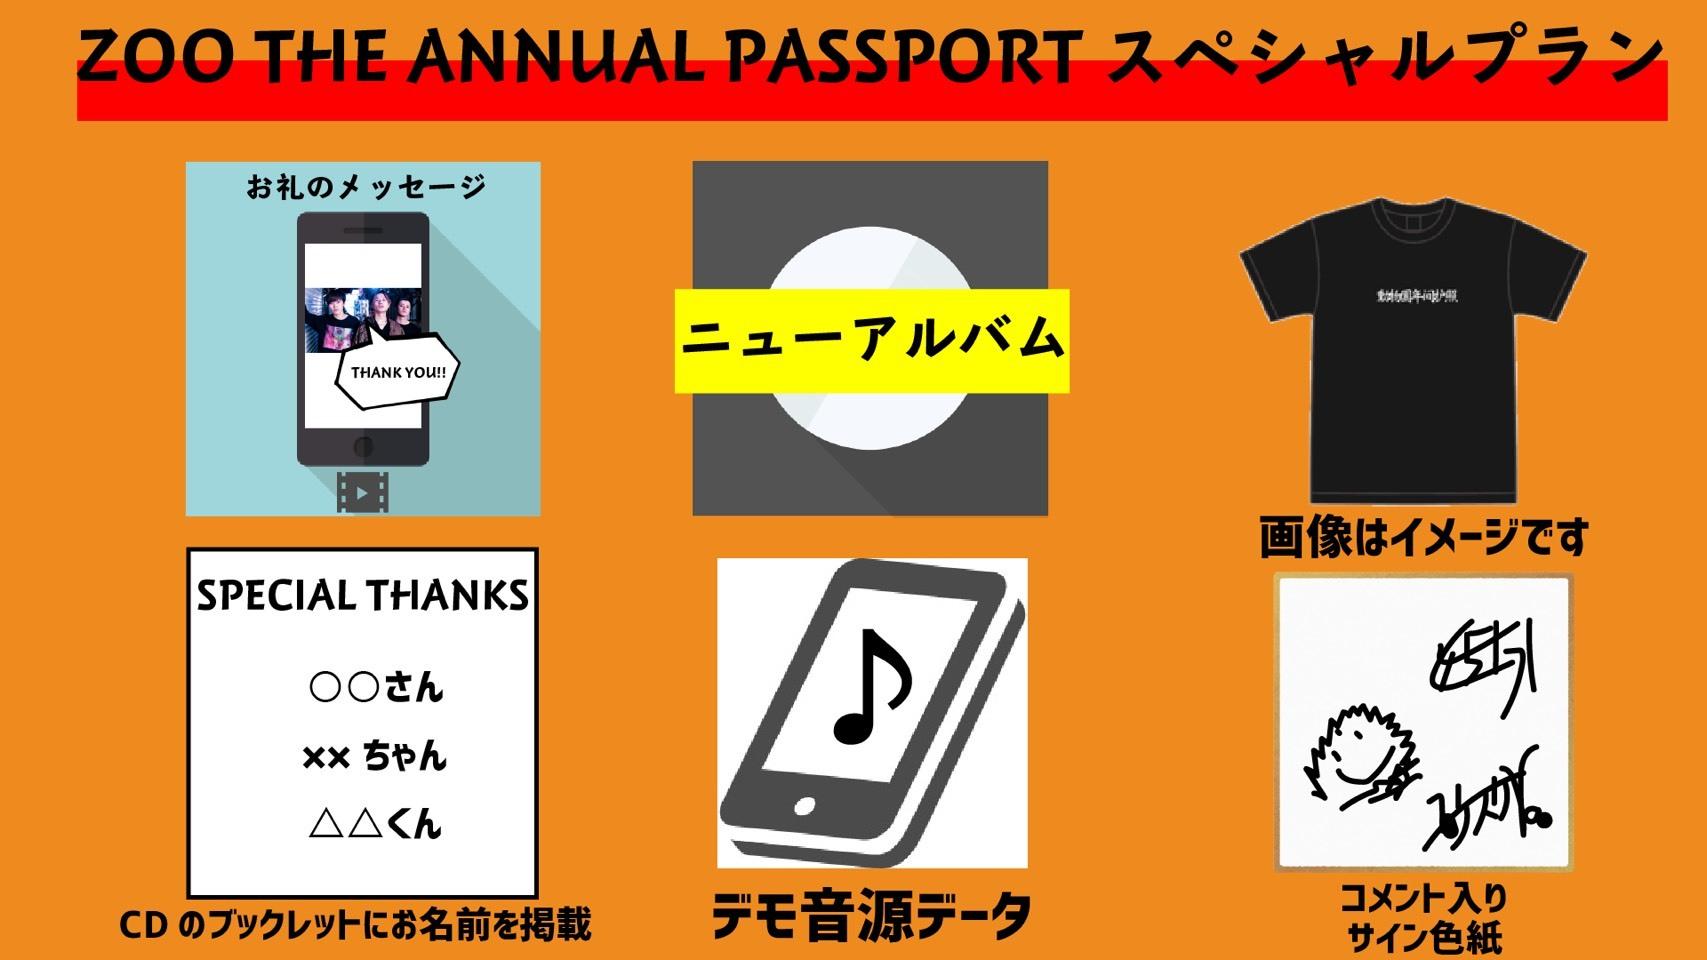 <ZOO THE ANNUAL PASSPORT スペシャル プラン>